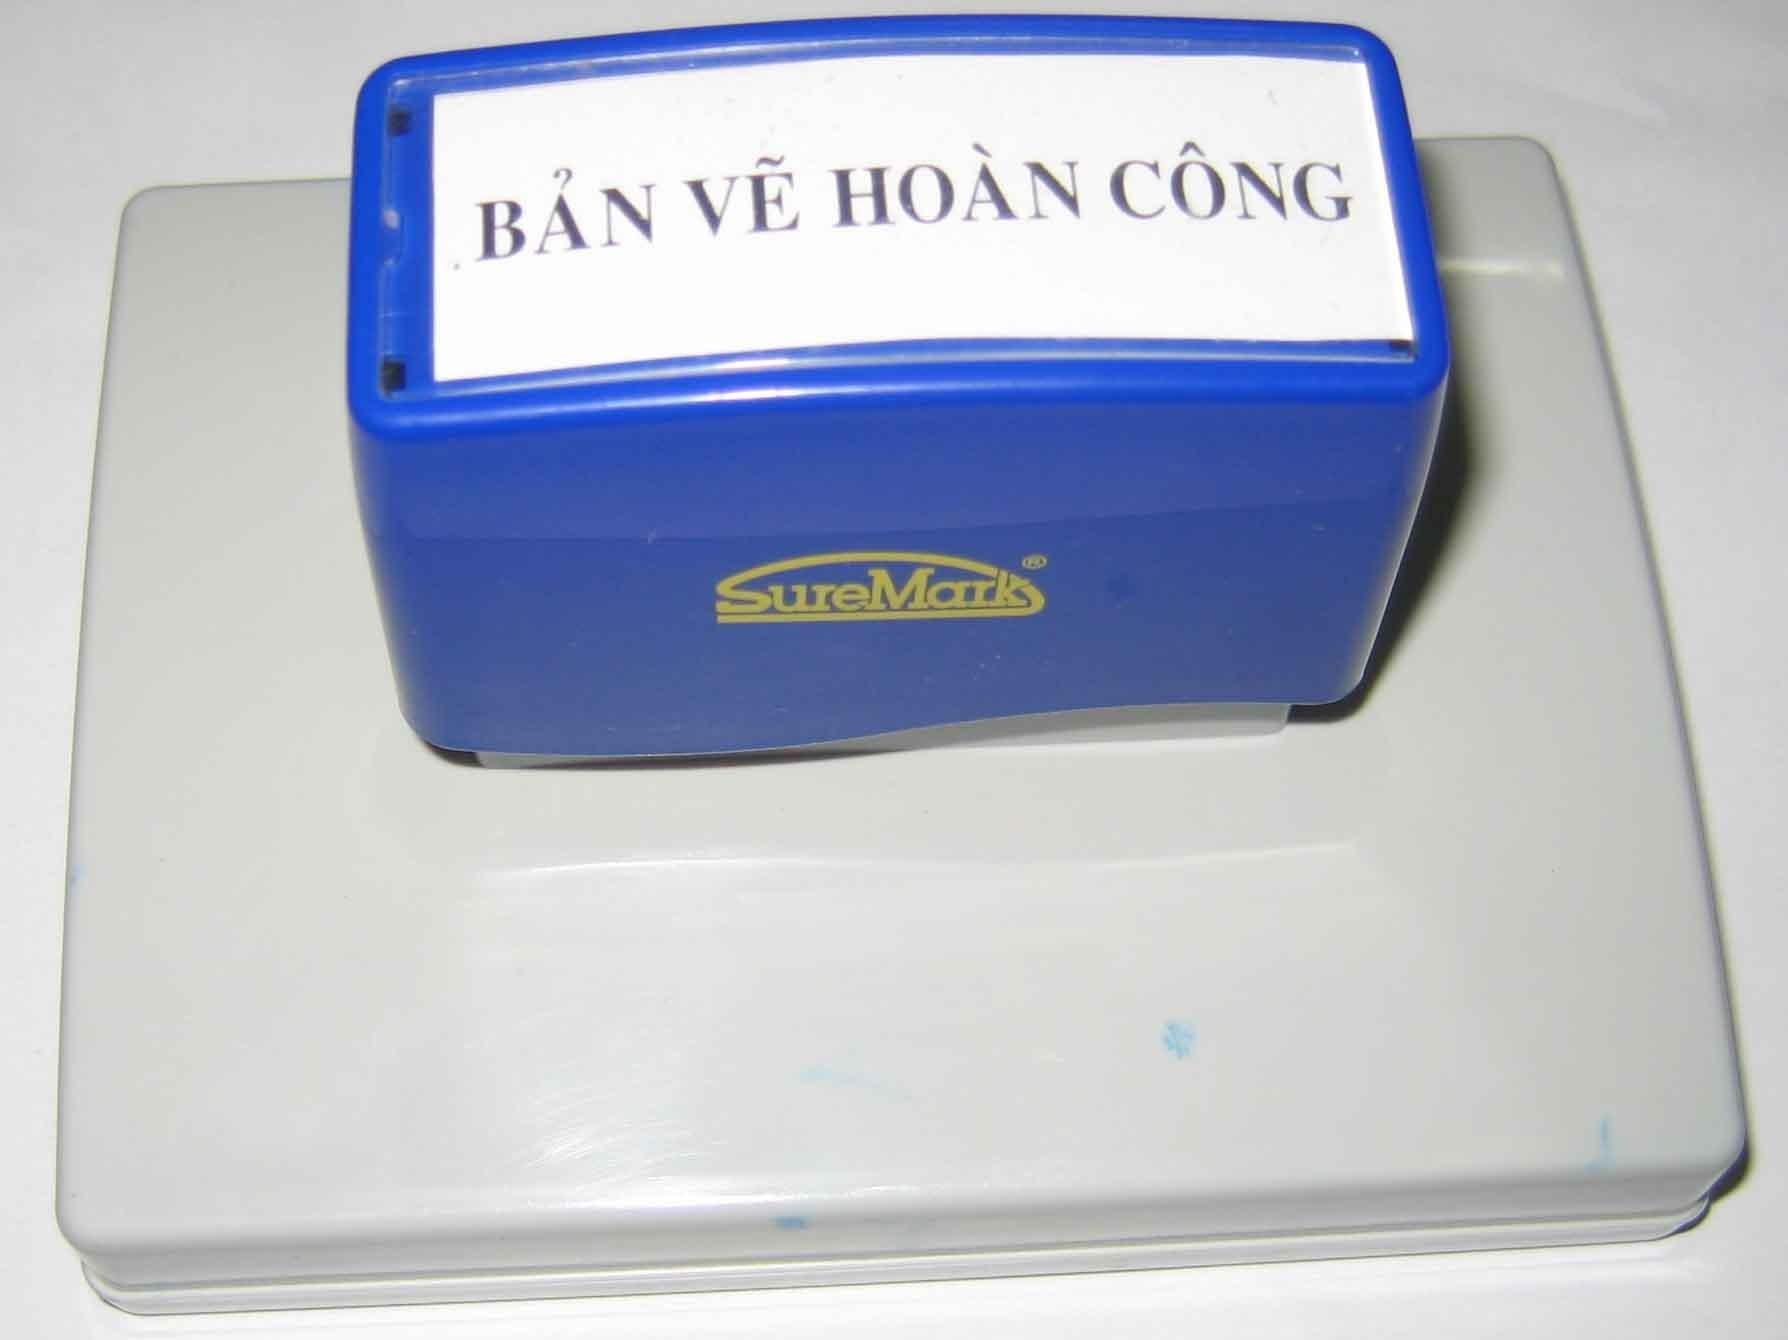 2-con-dau-khac-dau-hoan-cong-thong-dung